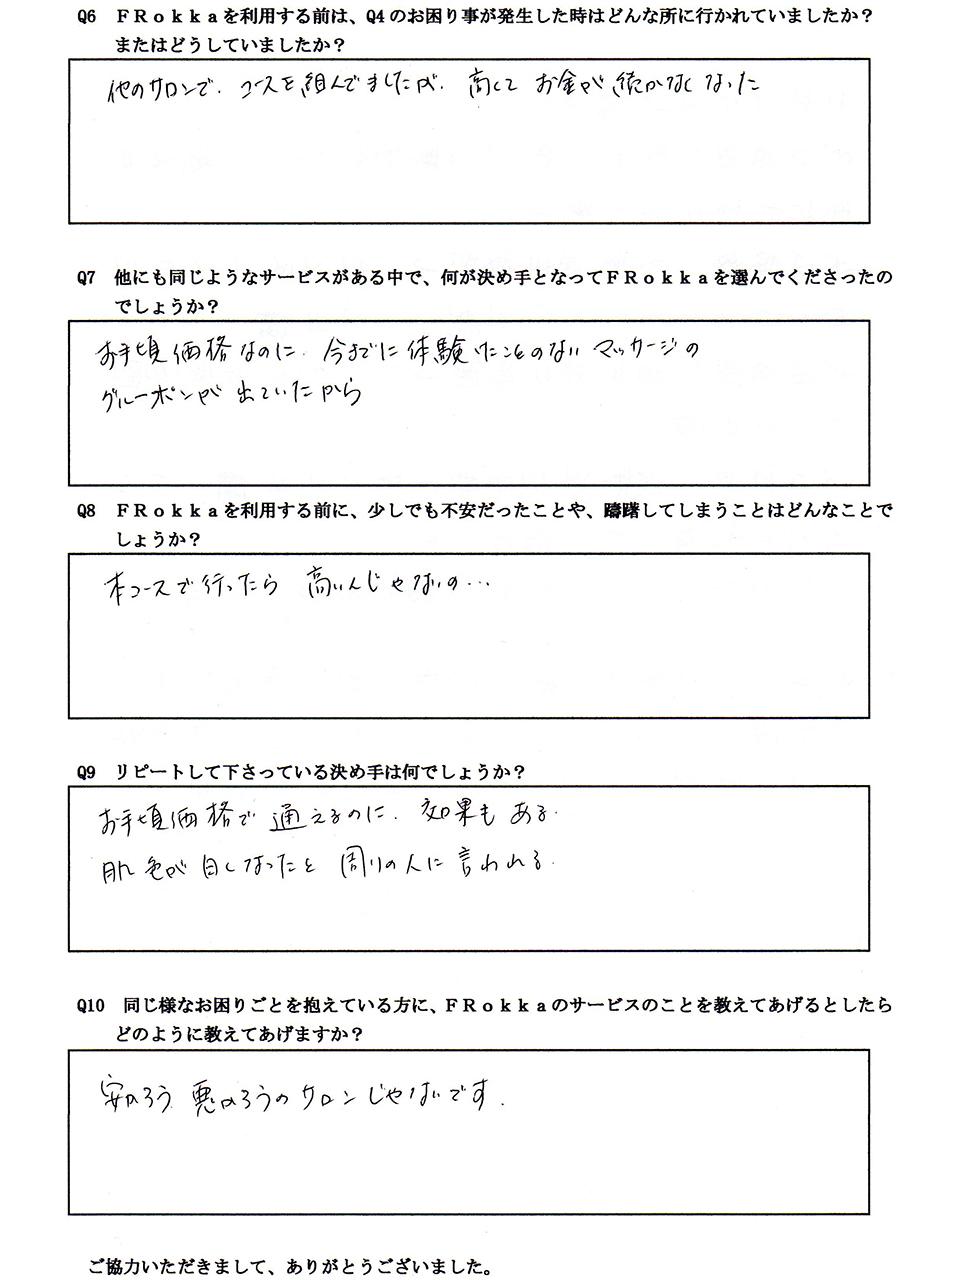 お客様アンケート(60代前半女性)2